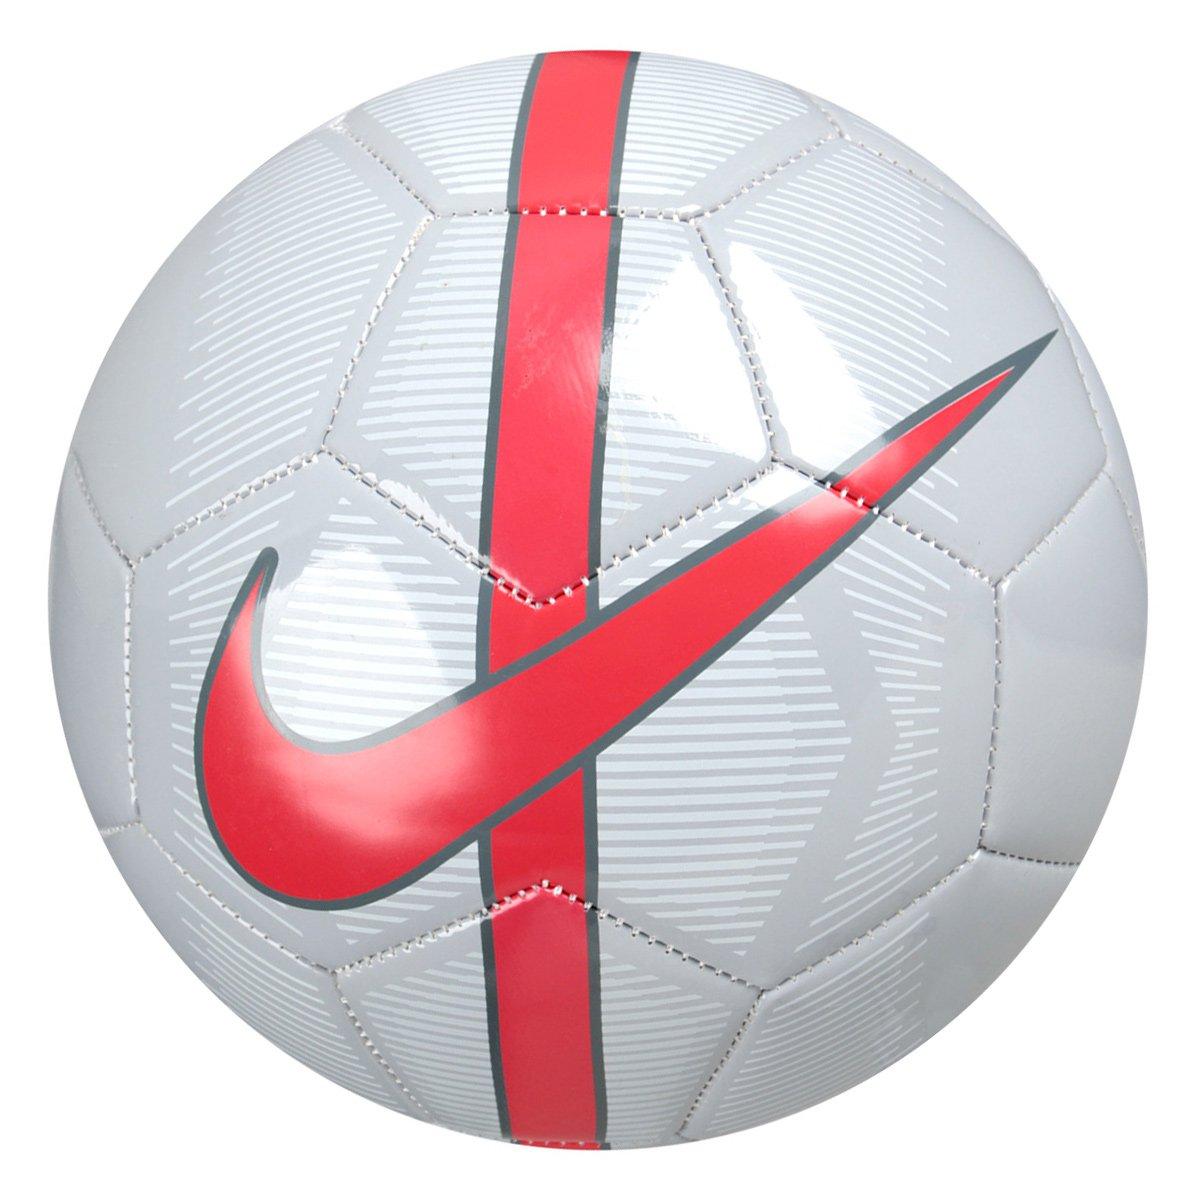 Bola Futebol Campo Nike Mercurial Fade - Cinza e Vermelho - Compre ... 97c3c8fe3d311